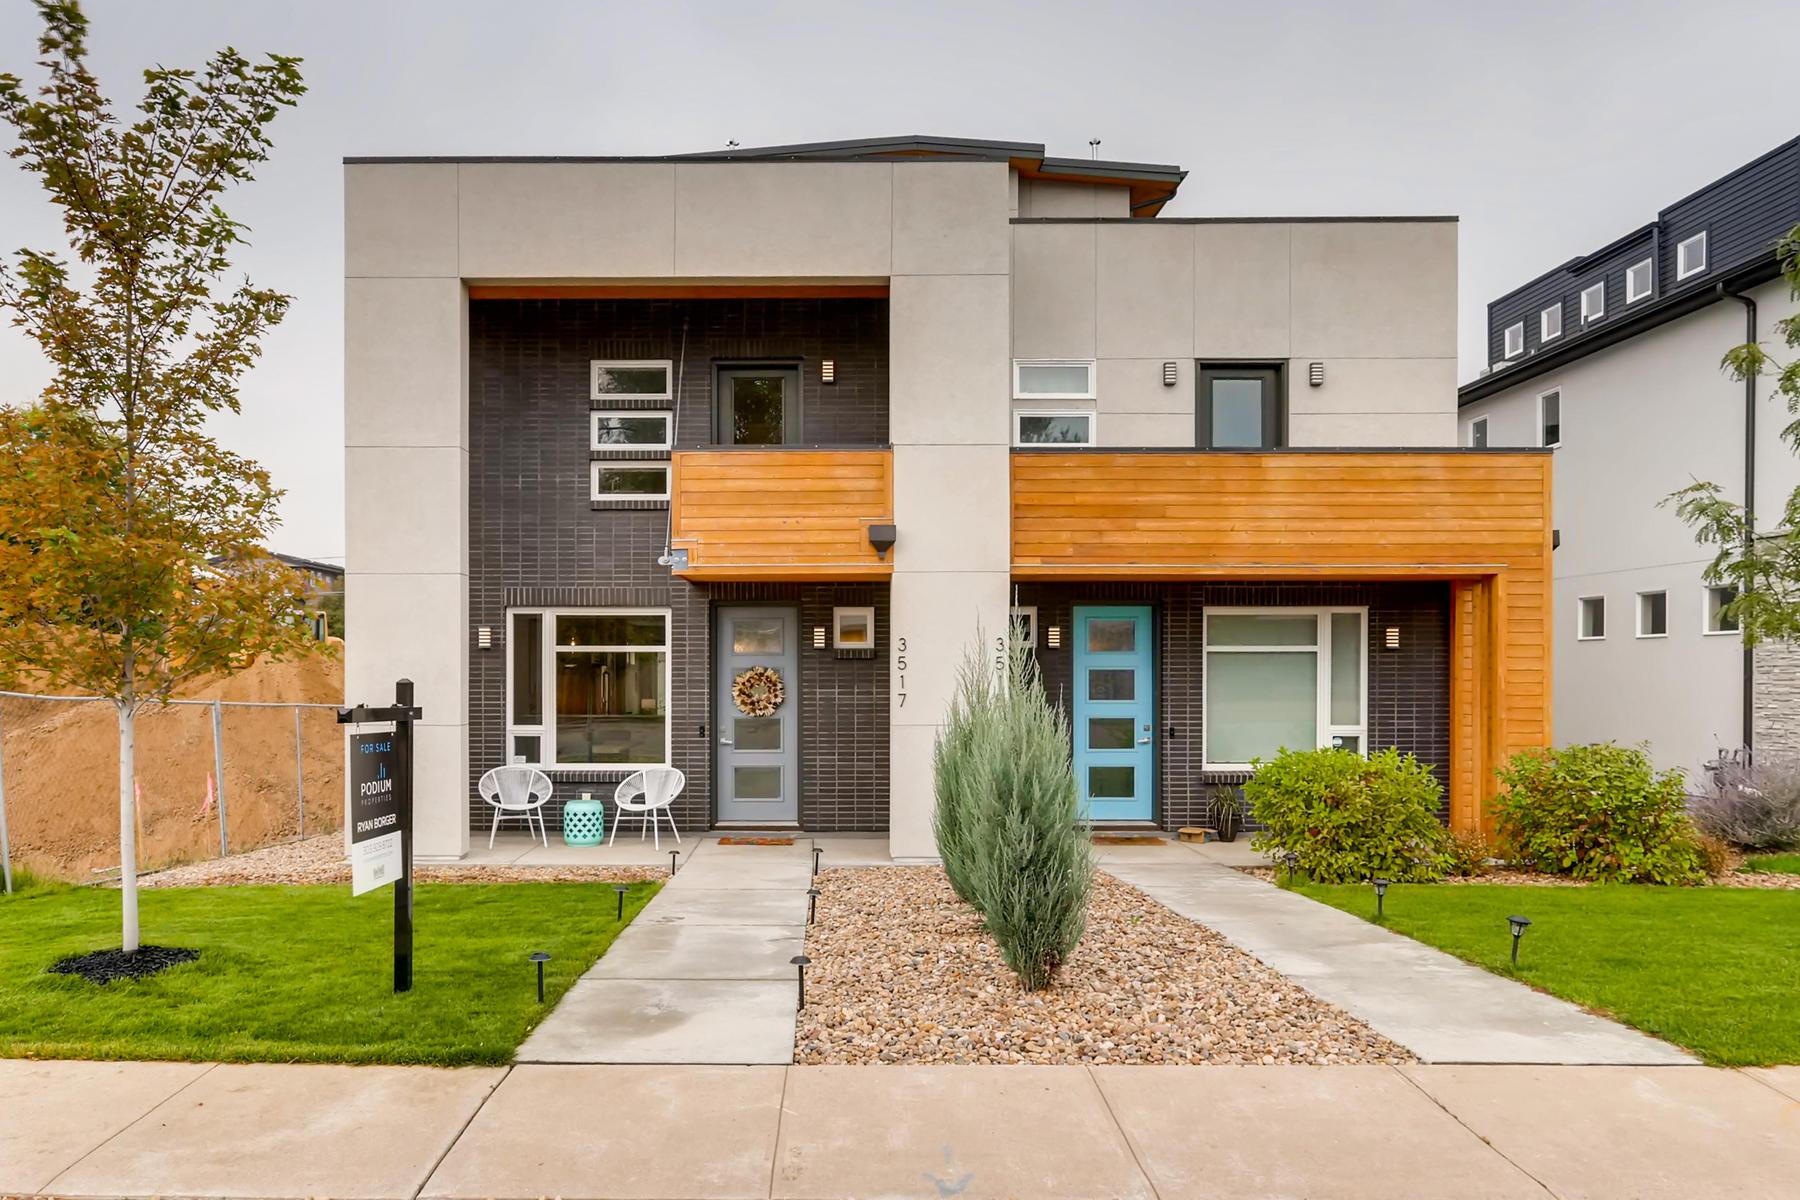 3517 S Ogden Street - $695,000